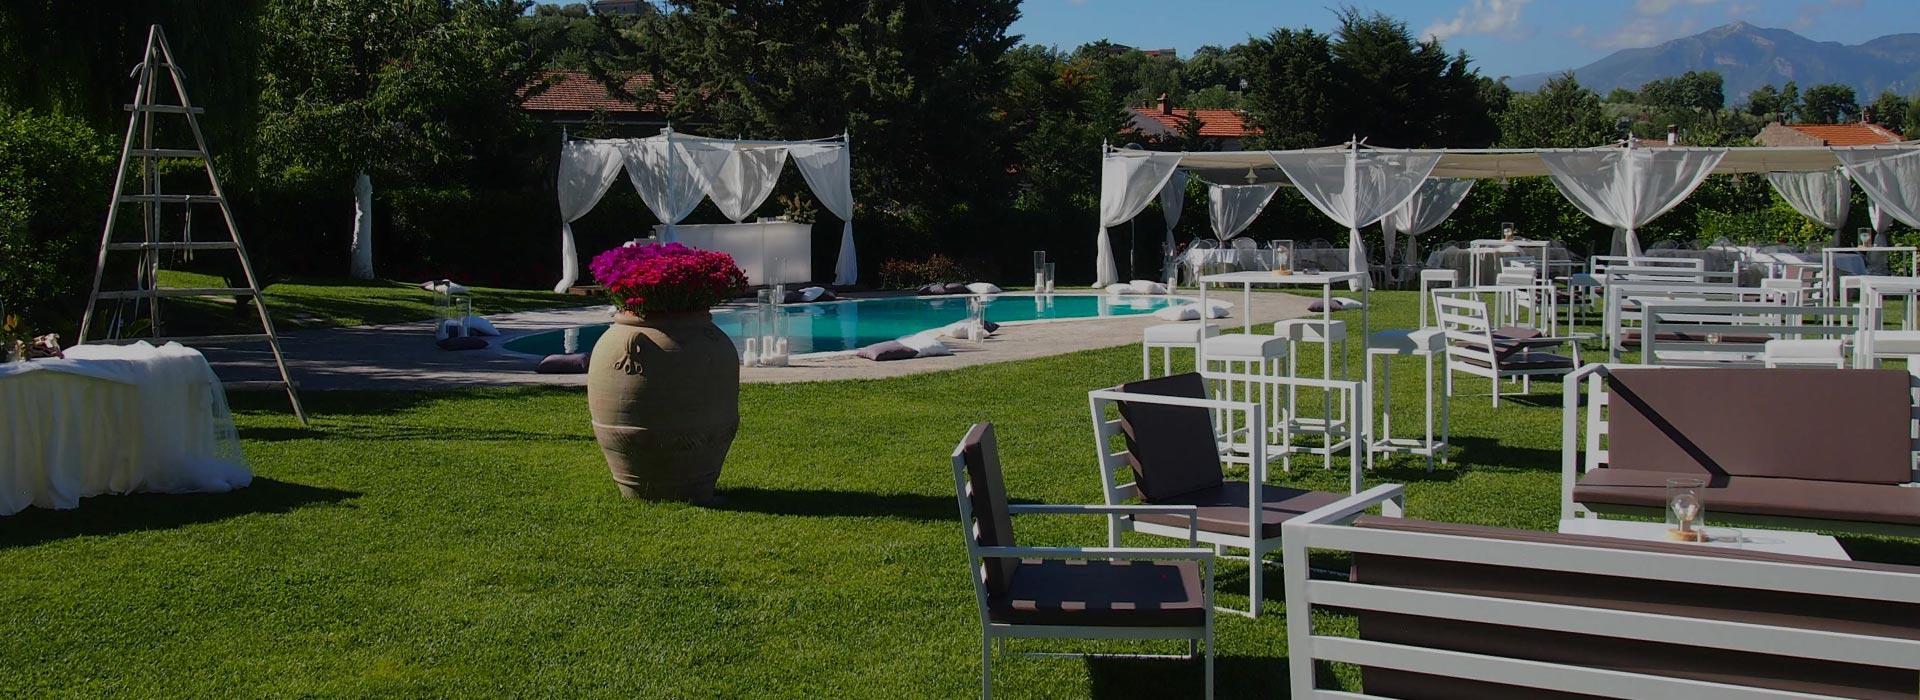 Villa location per matrimoni cerimonie ricevimenti e soggiorni in provincia di caserta - Piscine caserta e provincia ...